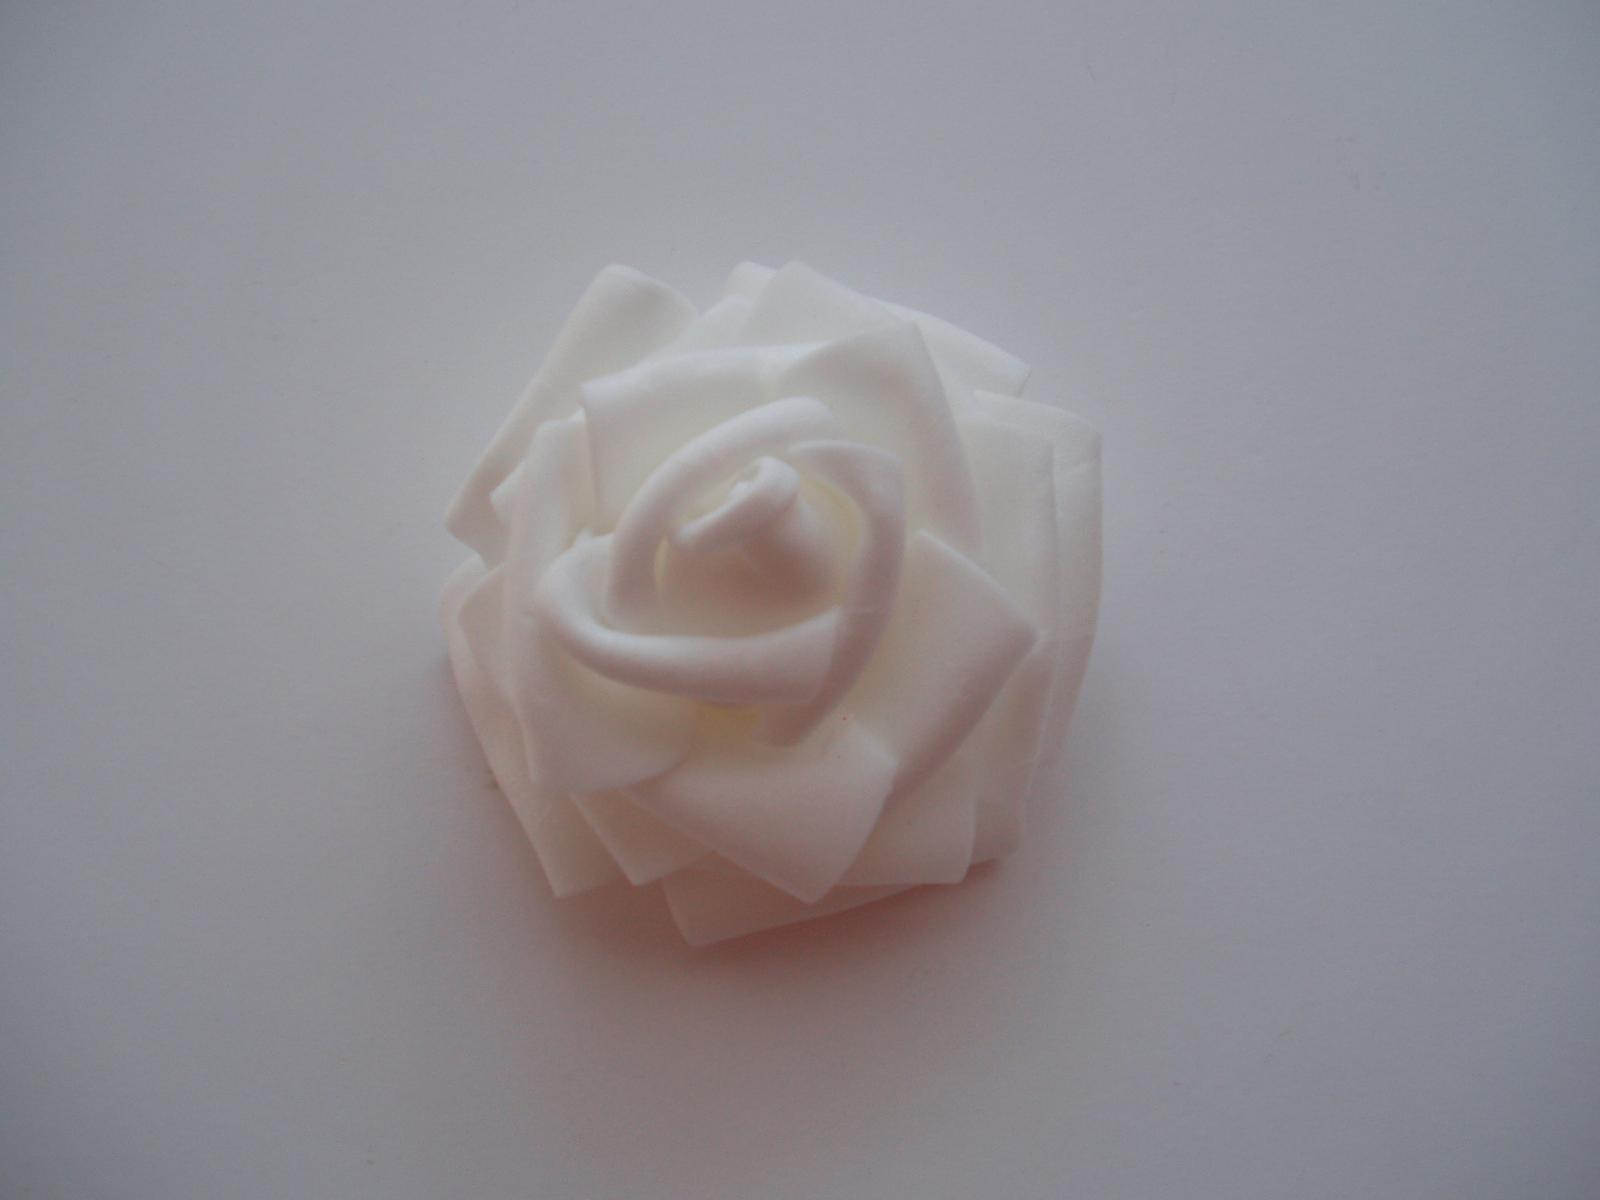 Šerpy,cylindry,srdce... - pěnová růže bílá